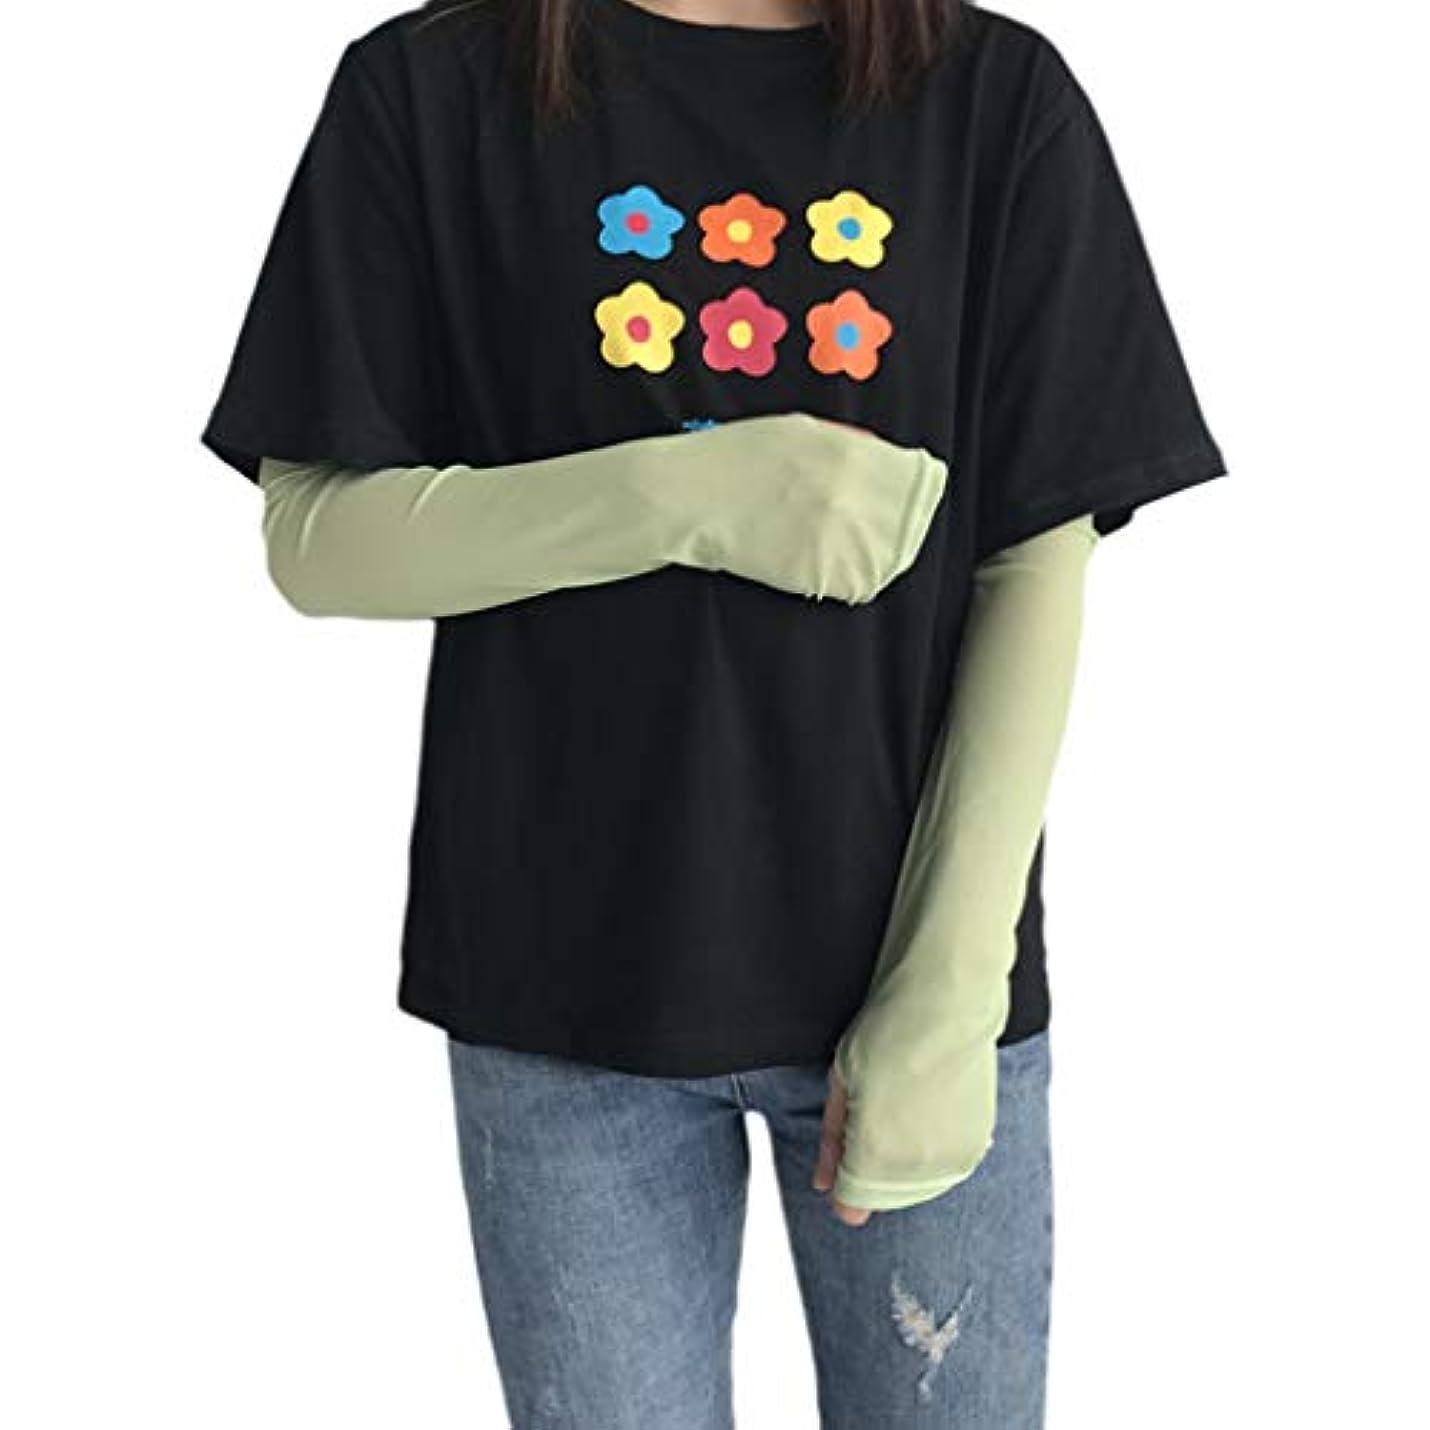 ニックネームチキンくしゃみManyao 女性の夏の冷却アームスリーブカバー甘い固体キャンディーカラー屋外サイクリング日焼け防止フィンガーレス手袋付き手袋